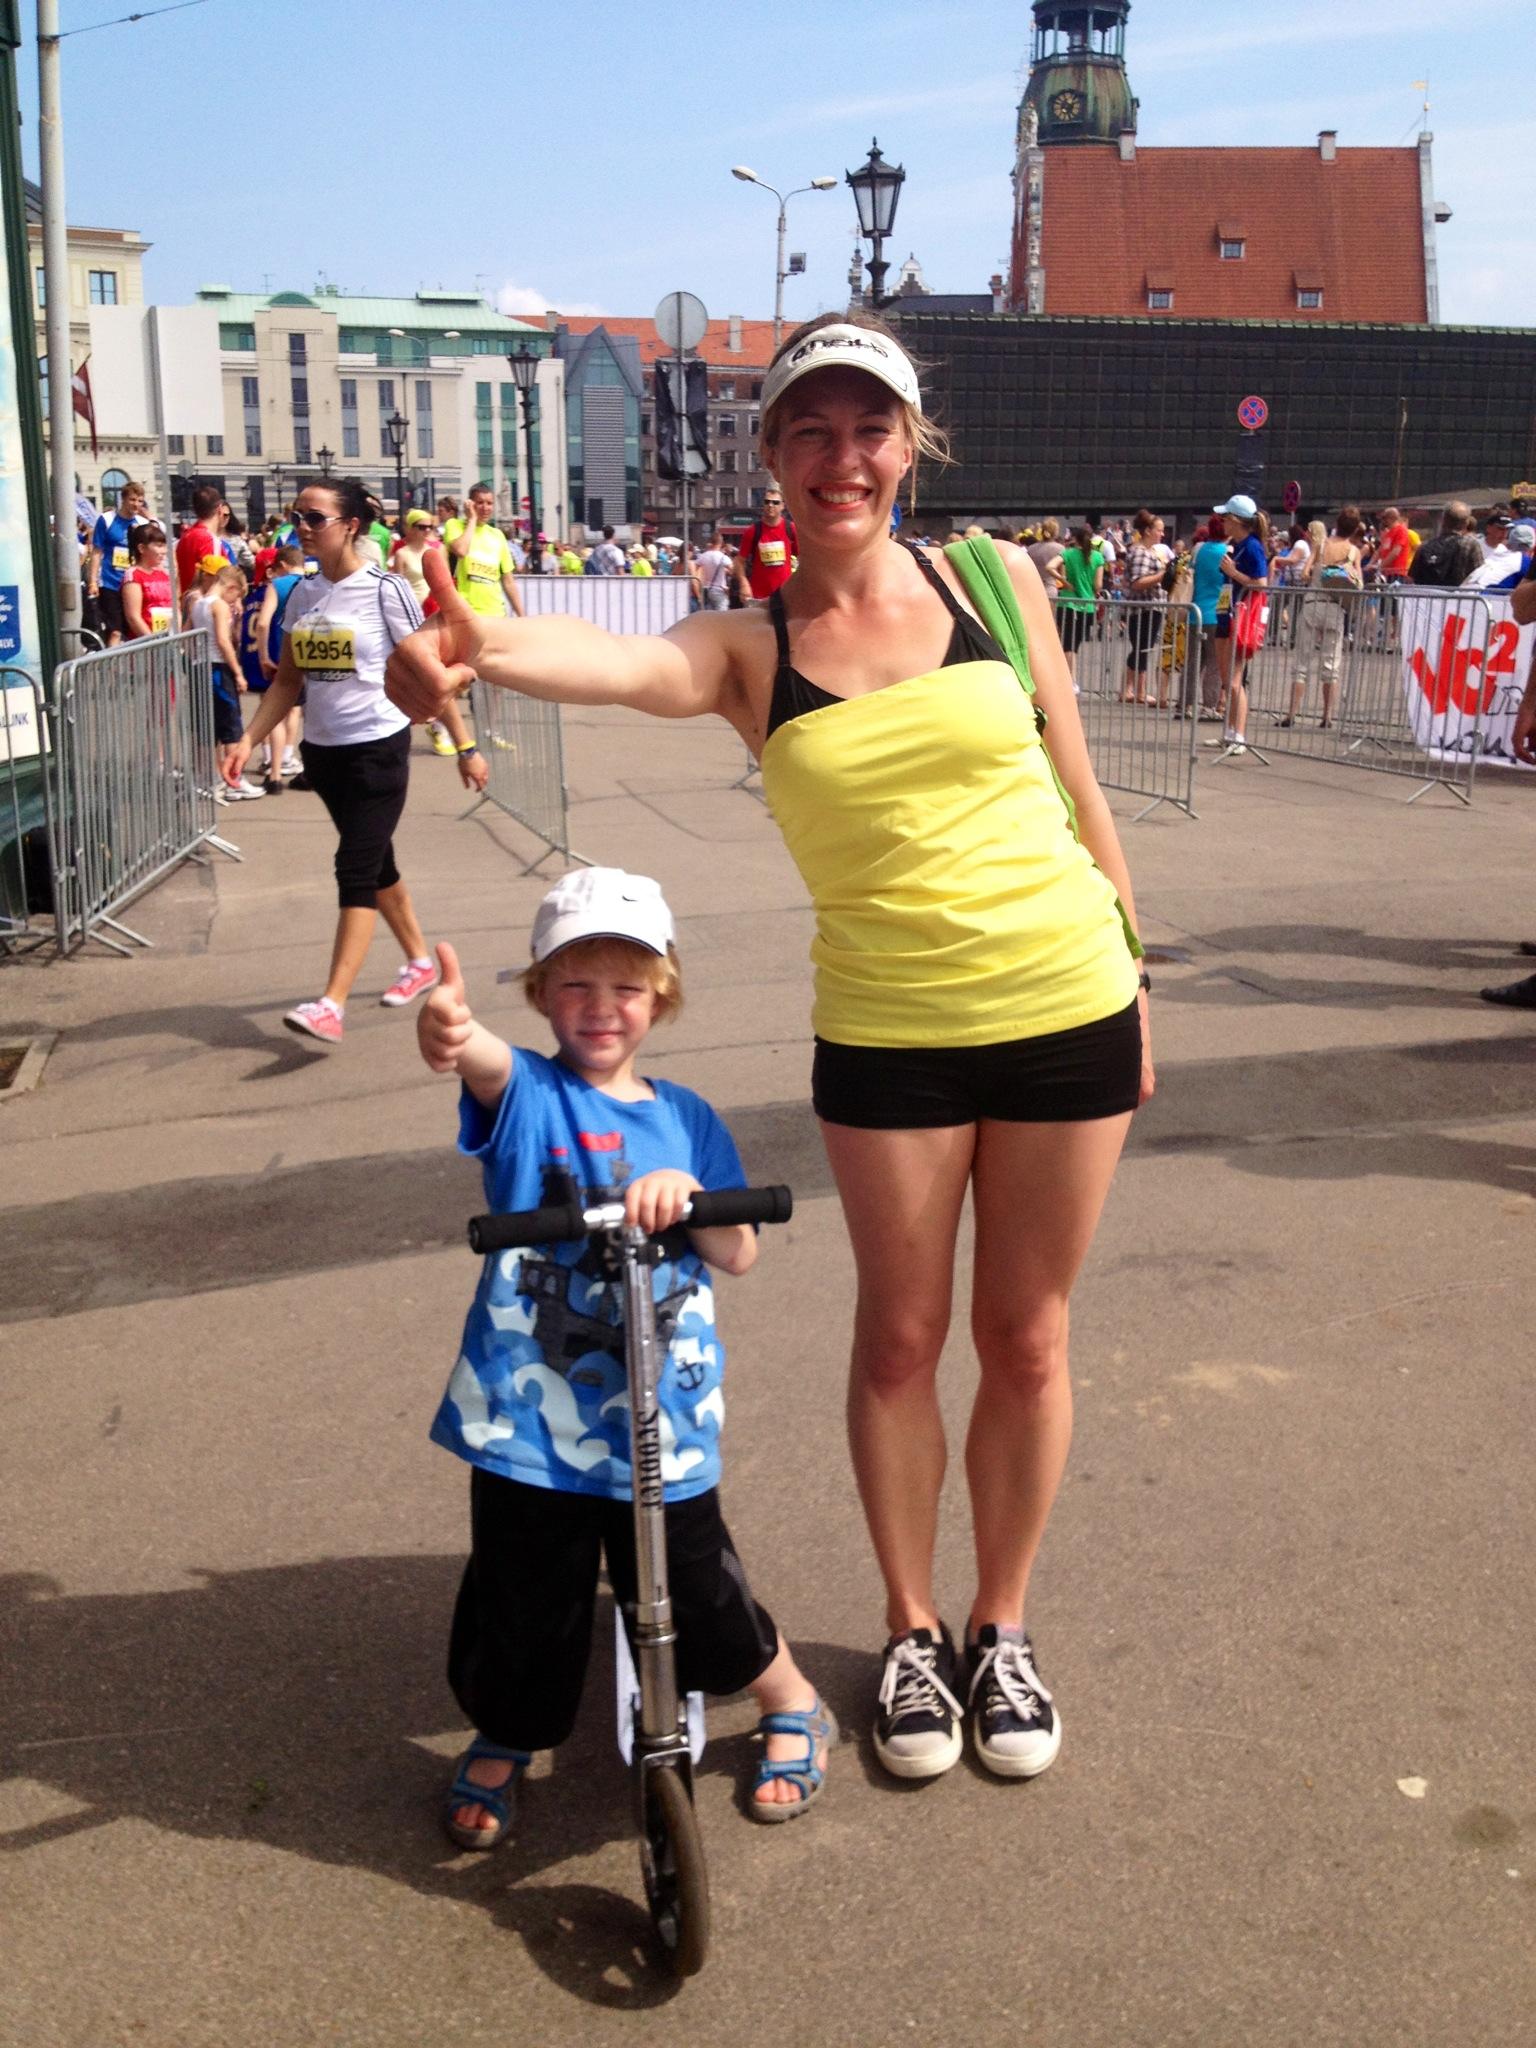 Nordea 4 miles run with the kid